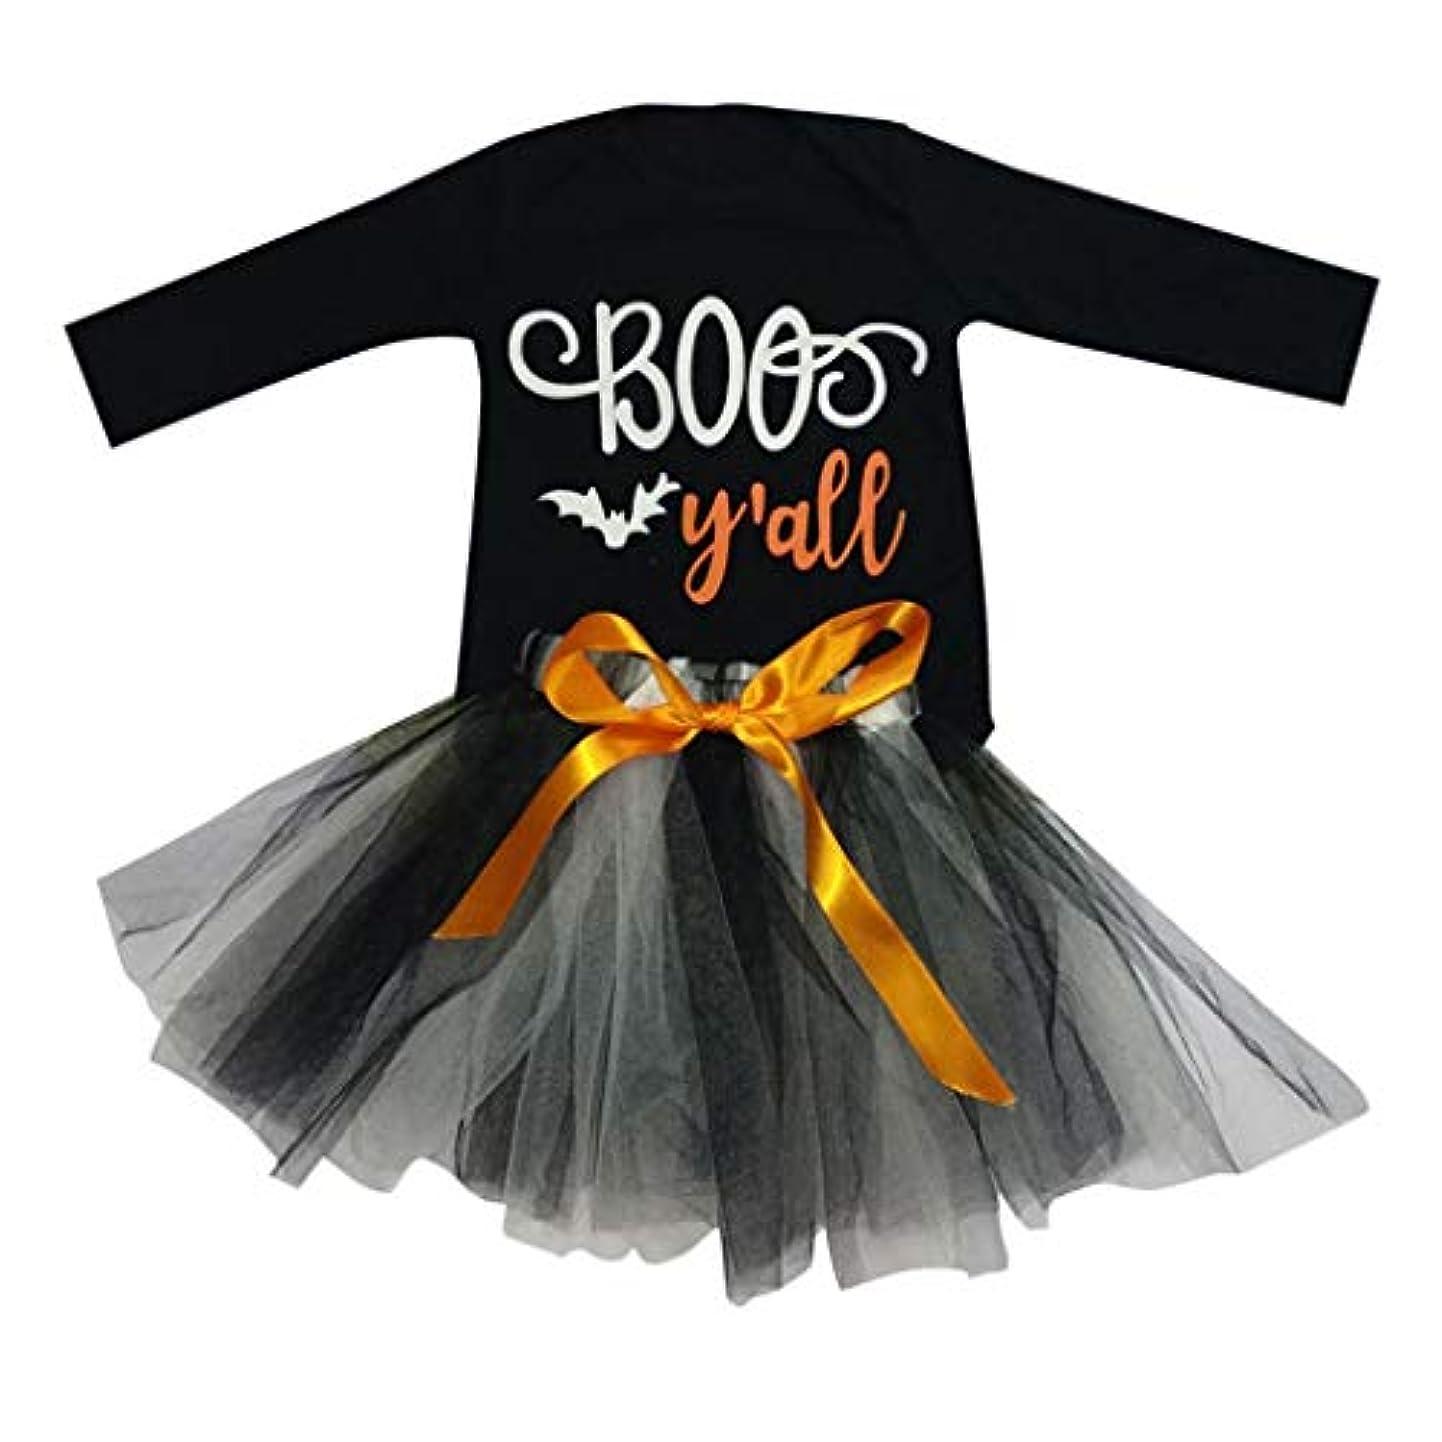 聖書アナニバーホール衣装 子供 ハロウィン Huliyun かわいい キッズ 仮装 こども 魔女 2ピース長袖ローブ+チュチュスカート仮装 撮影記念 パーティ セット長袖 Halloween コスプレ衣装 パーティー